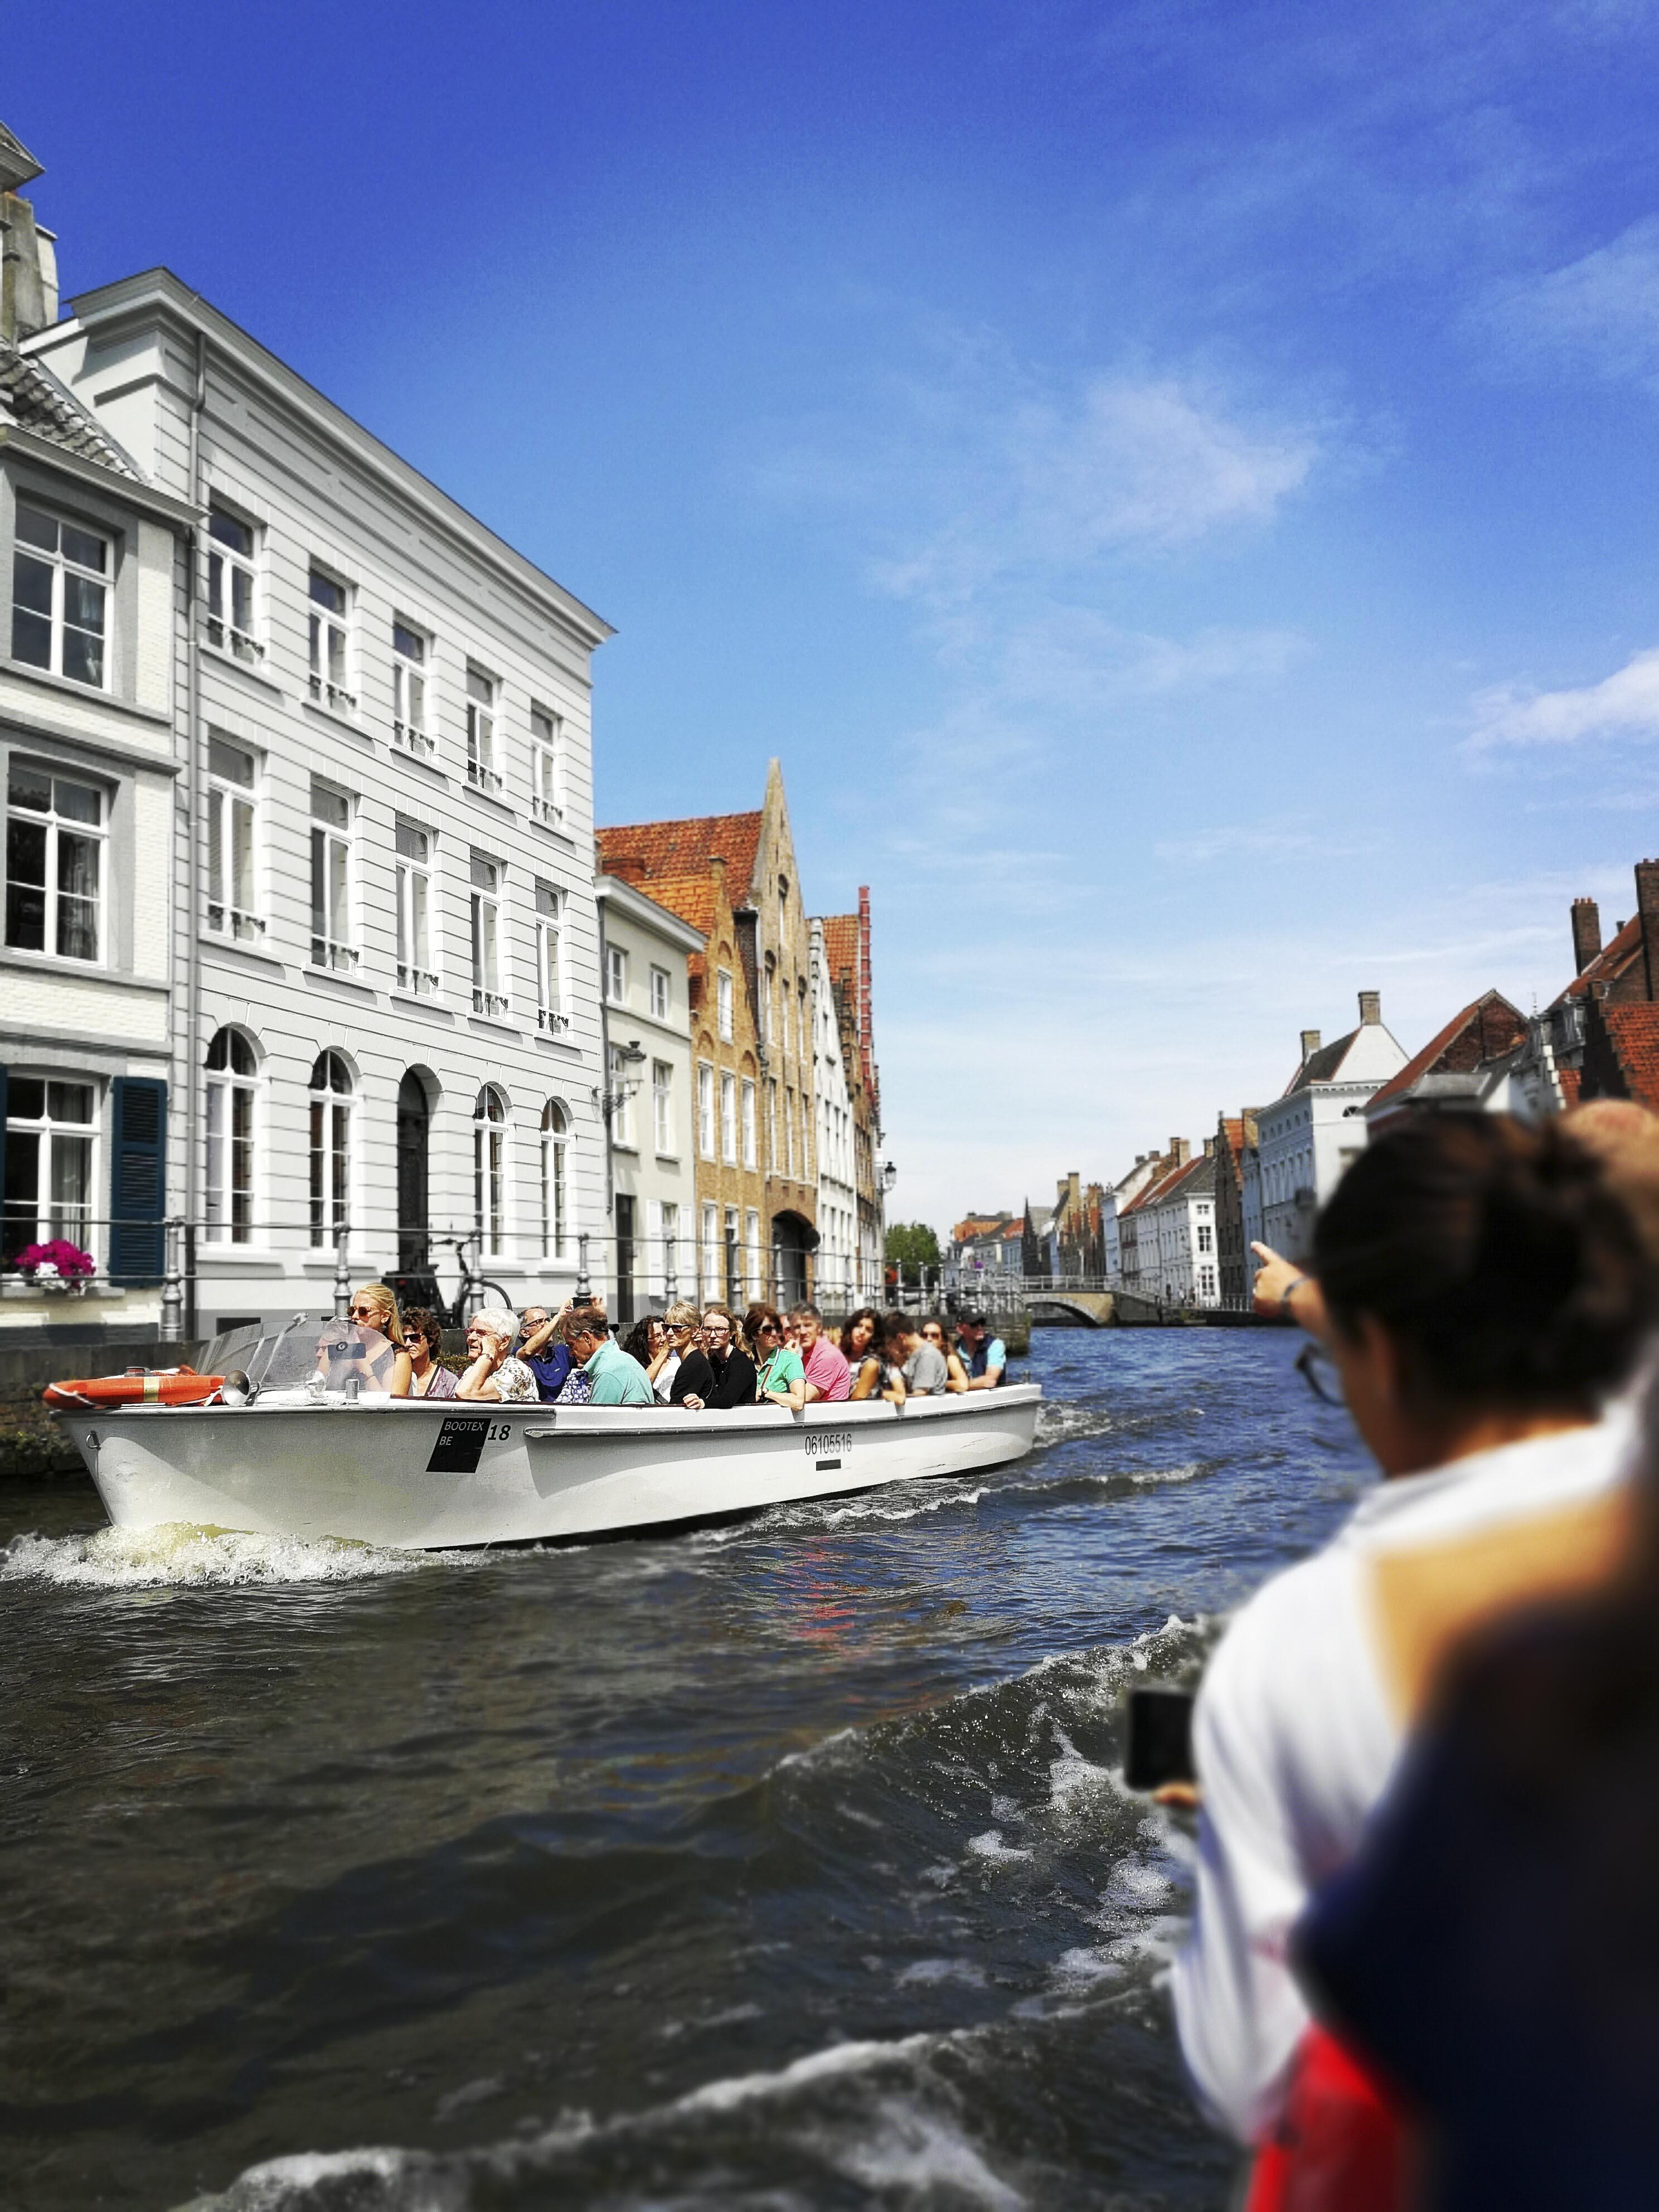 Städtetrip Brügge - Belgien - Restaurants Shoppingtipps Sightseeing City Guide Sehenswürdigkeiten #brügge #bruges #belgien #belgium #cityguide | Emma´s Lieblingsstücke